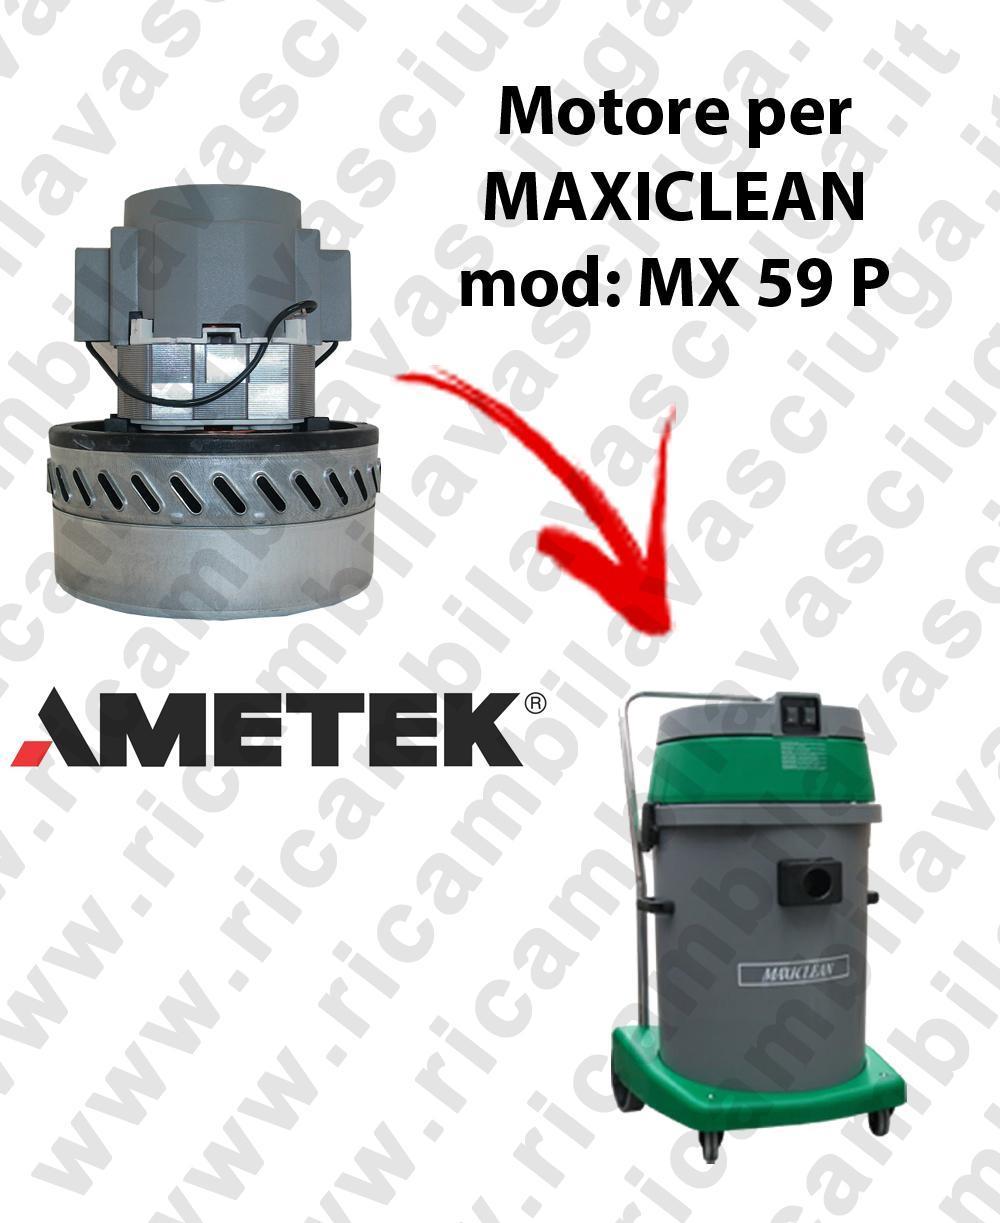 MX 59 P MOTEUR AMETEK aspiration pour aspirateur et aspirateur à eau MAXICLEAN